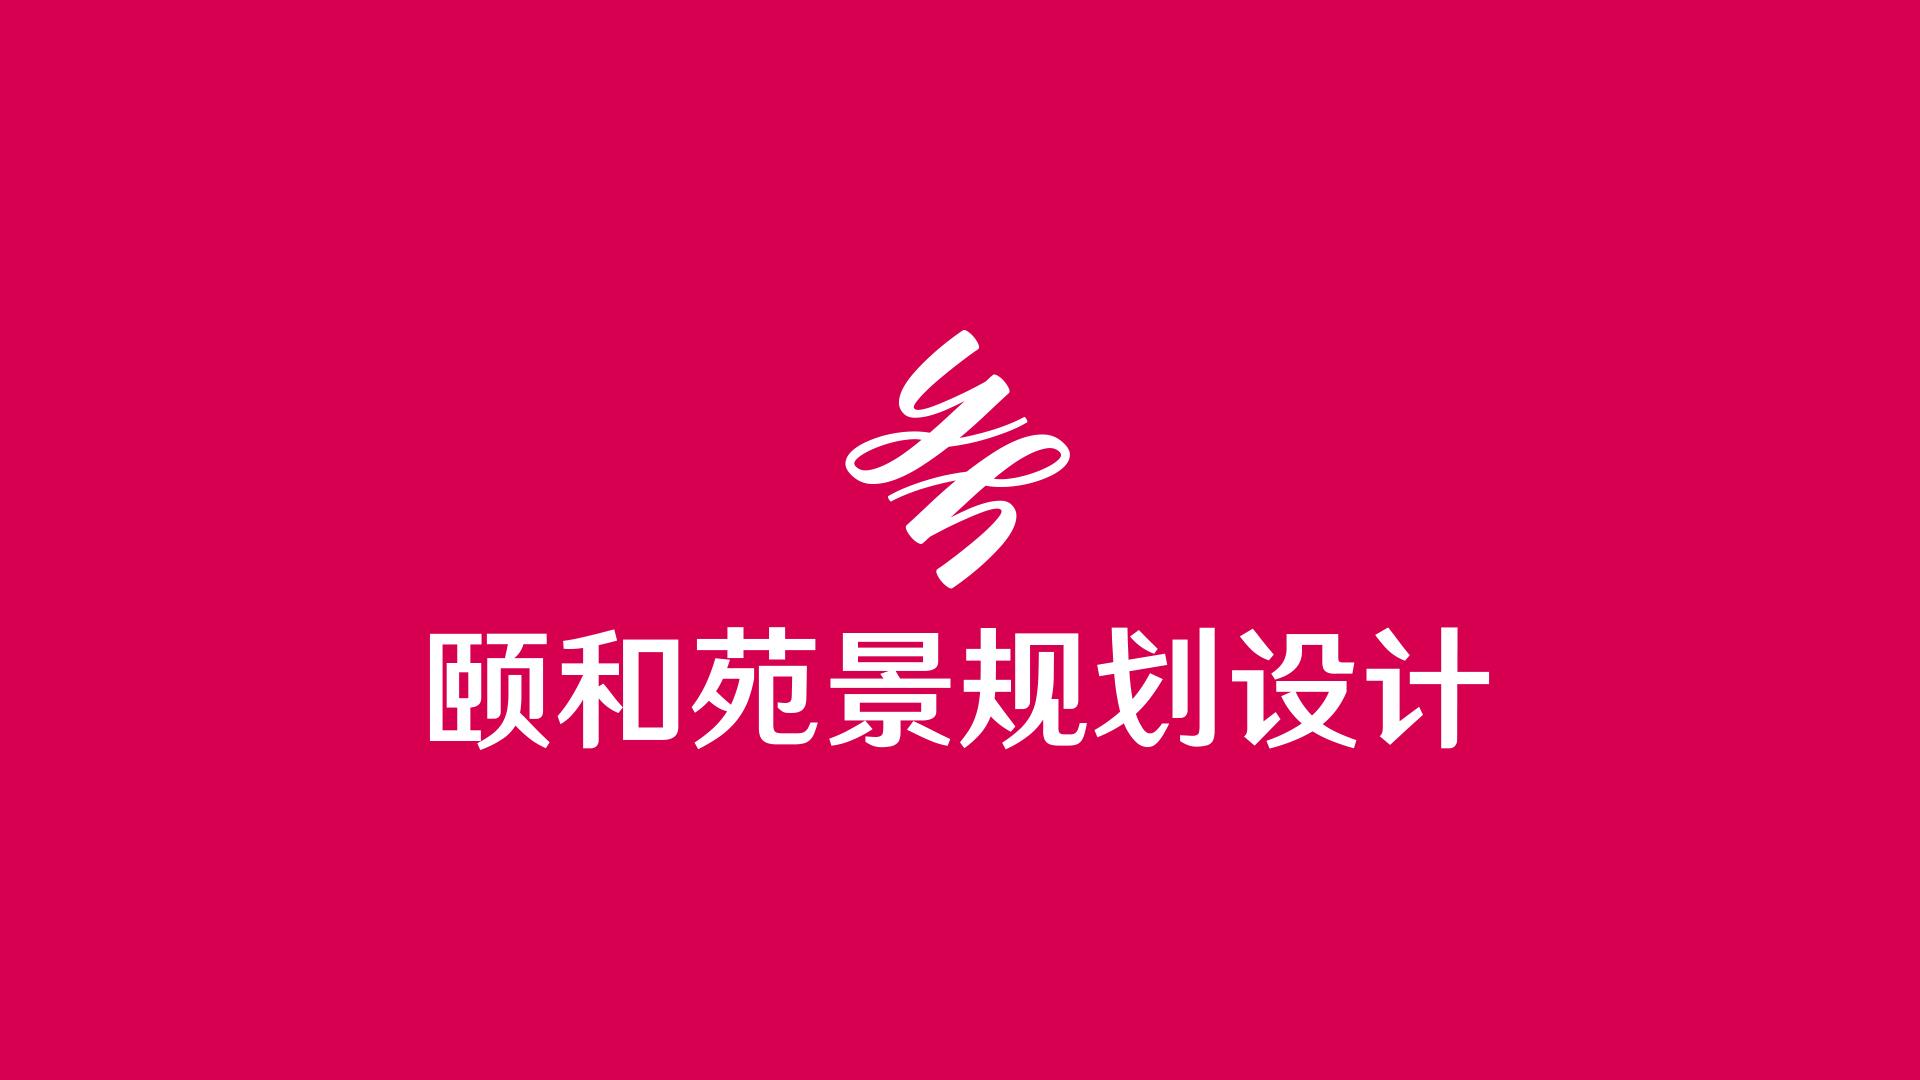 颐和苑景规划设计-02.jpg